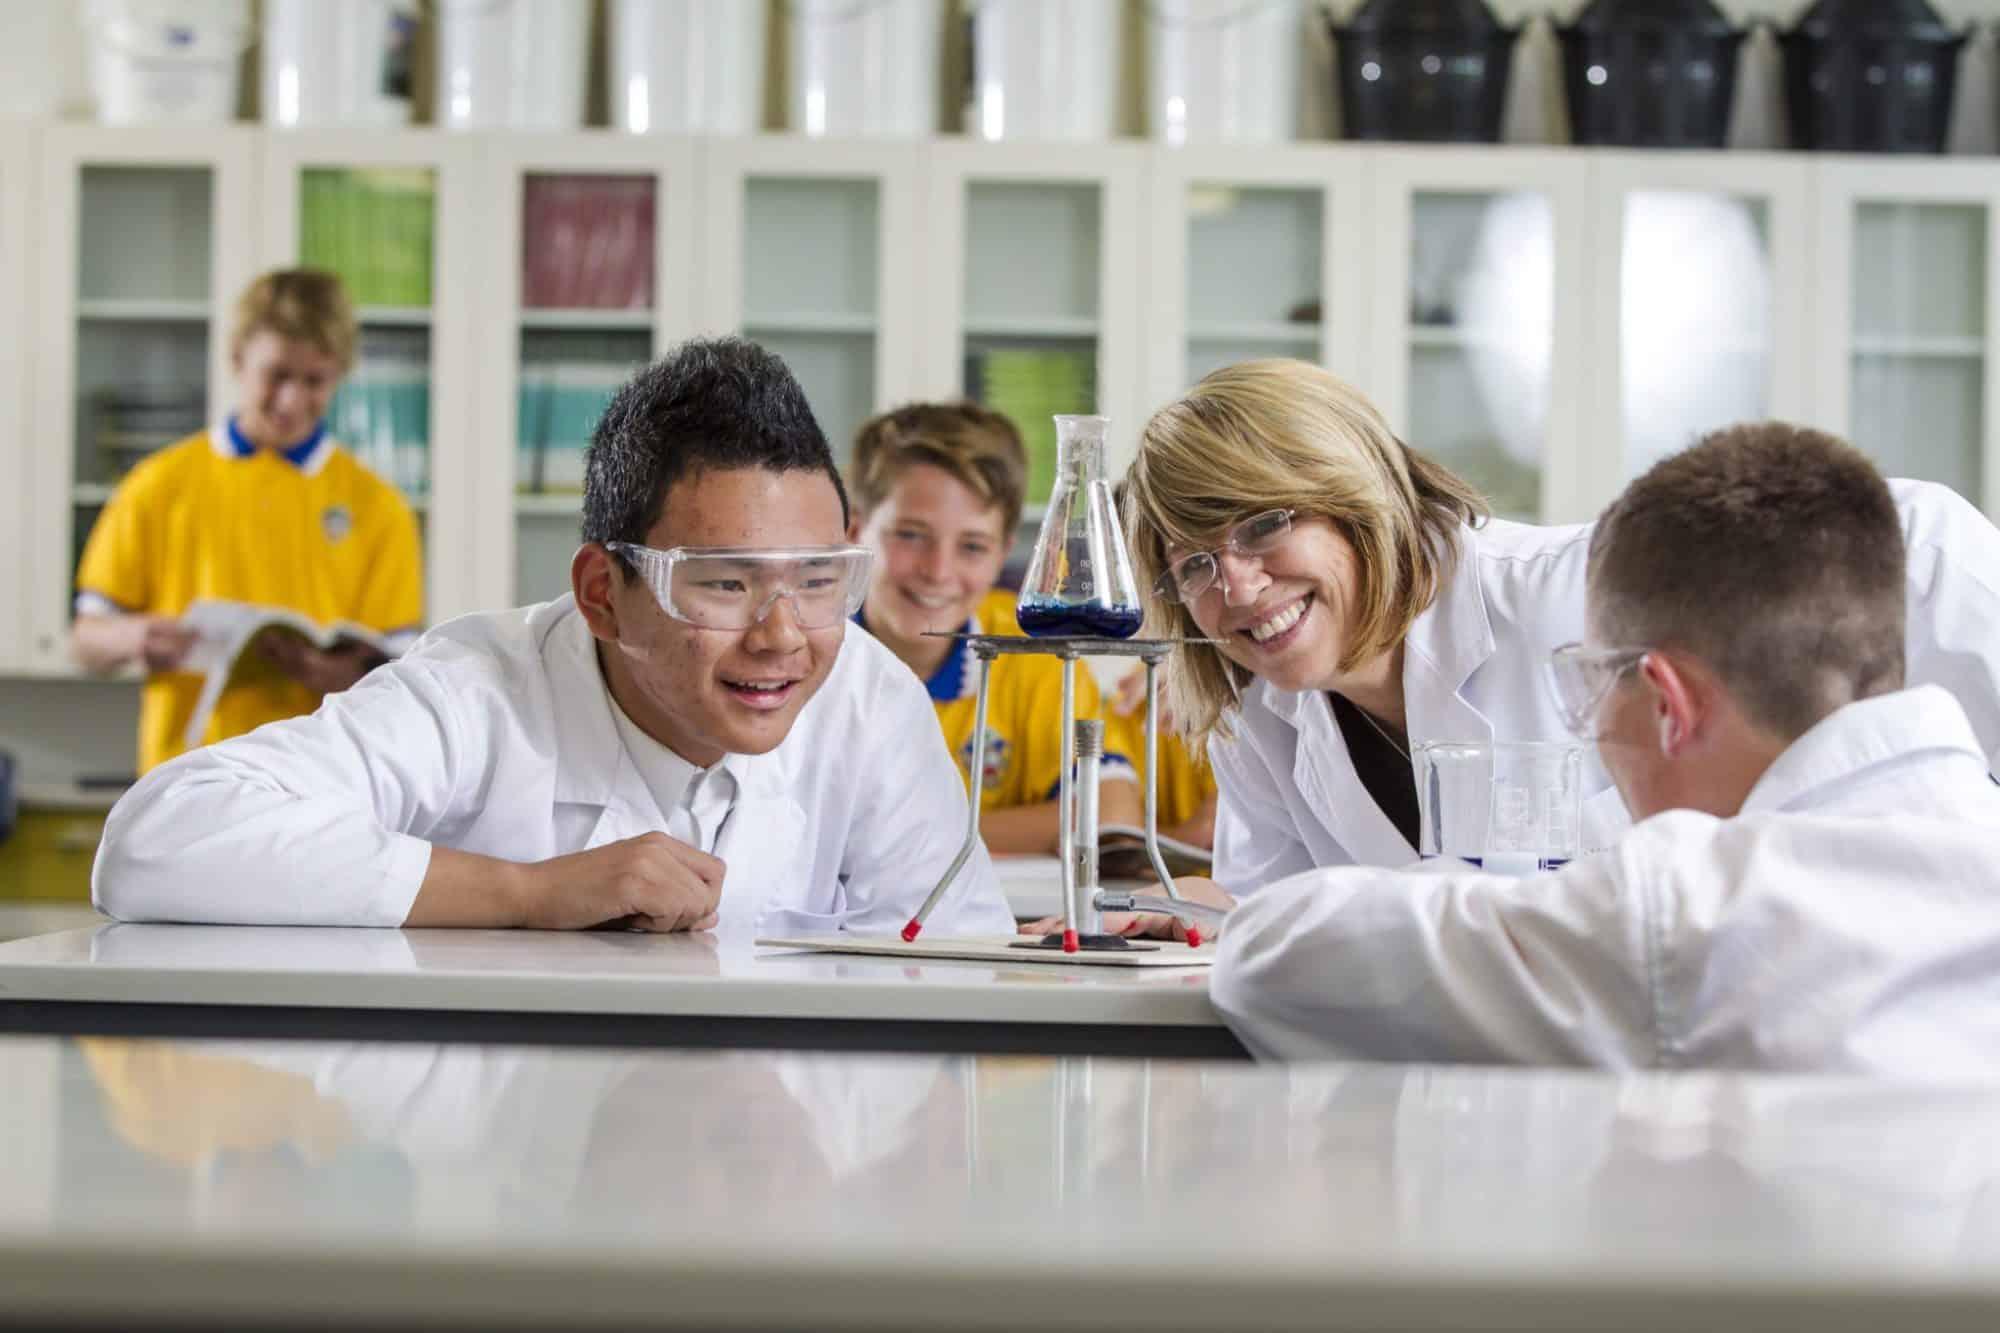 Schule Australien | Kostenfreie Beratung zu allen Schulen in Australien